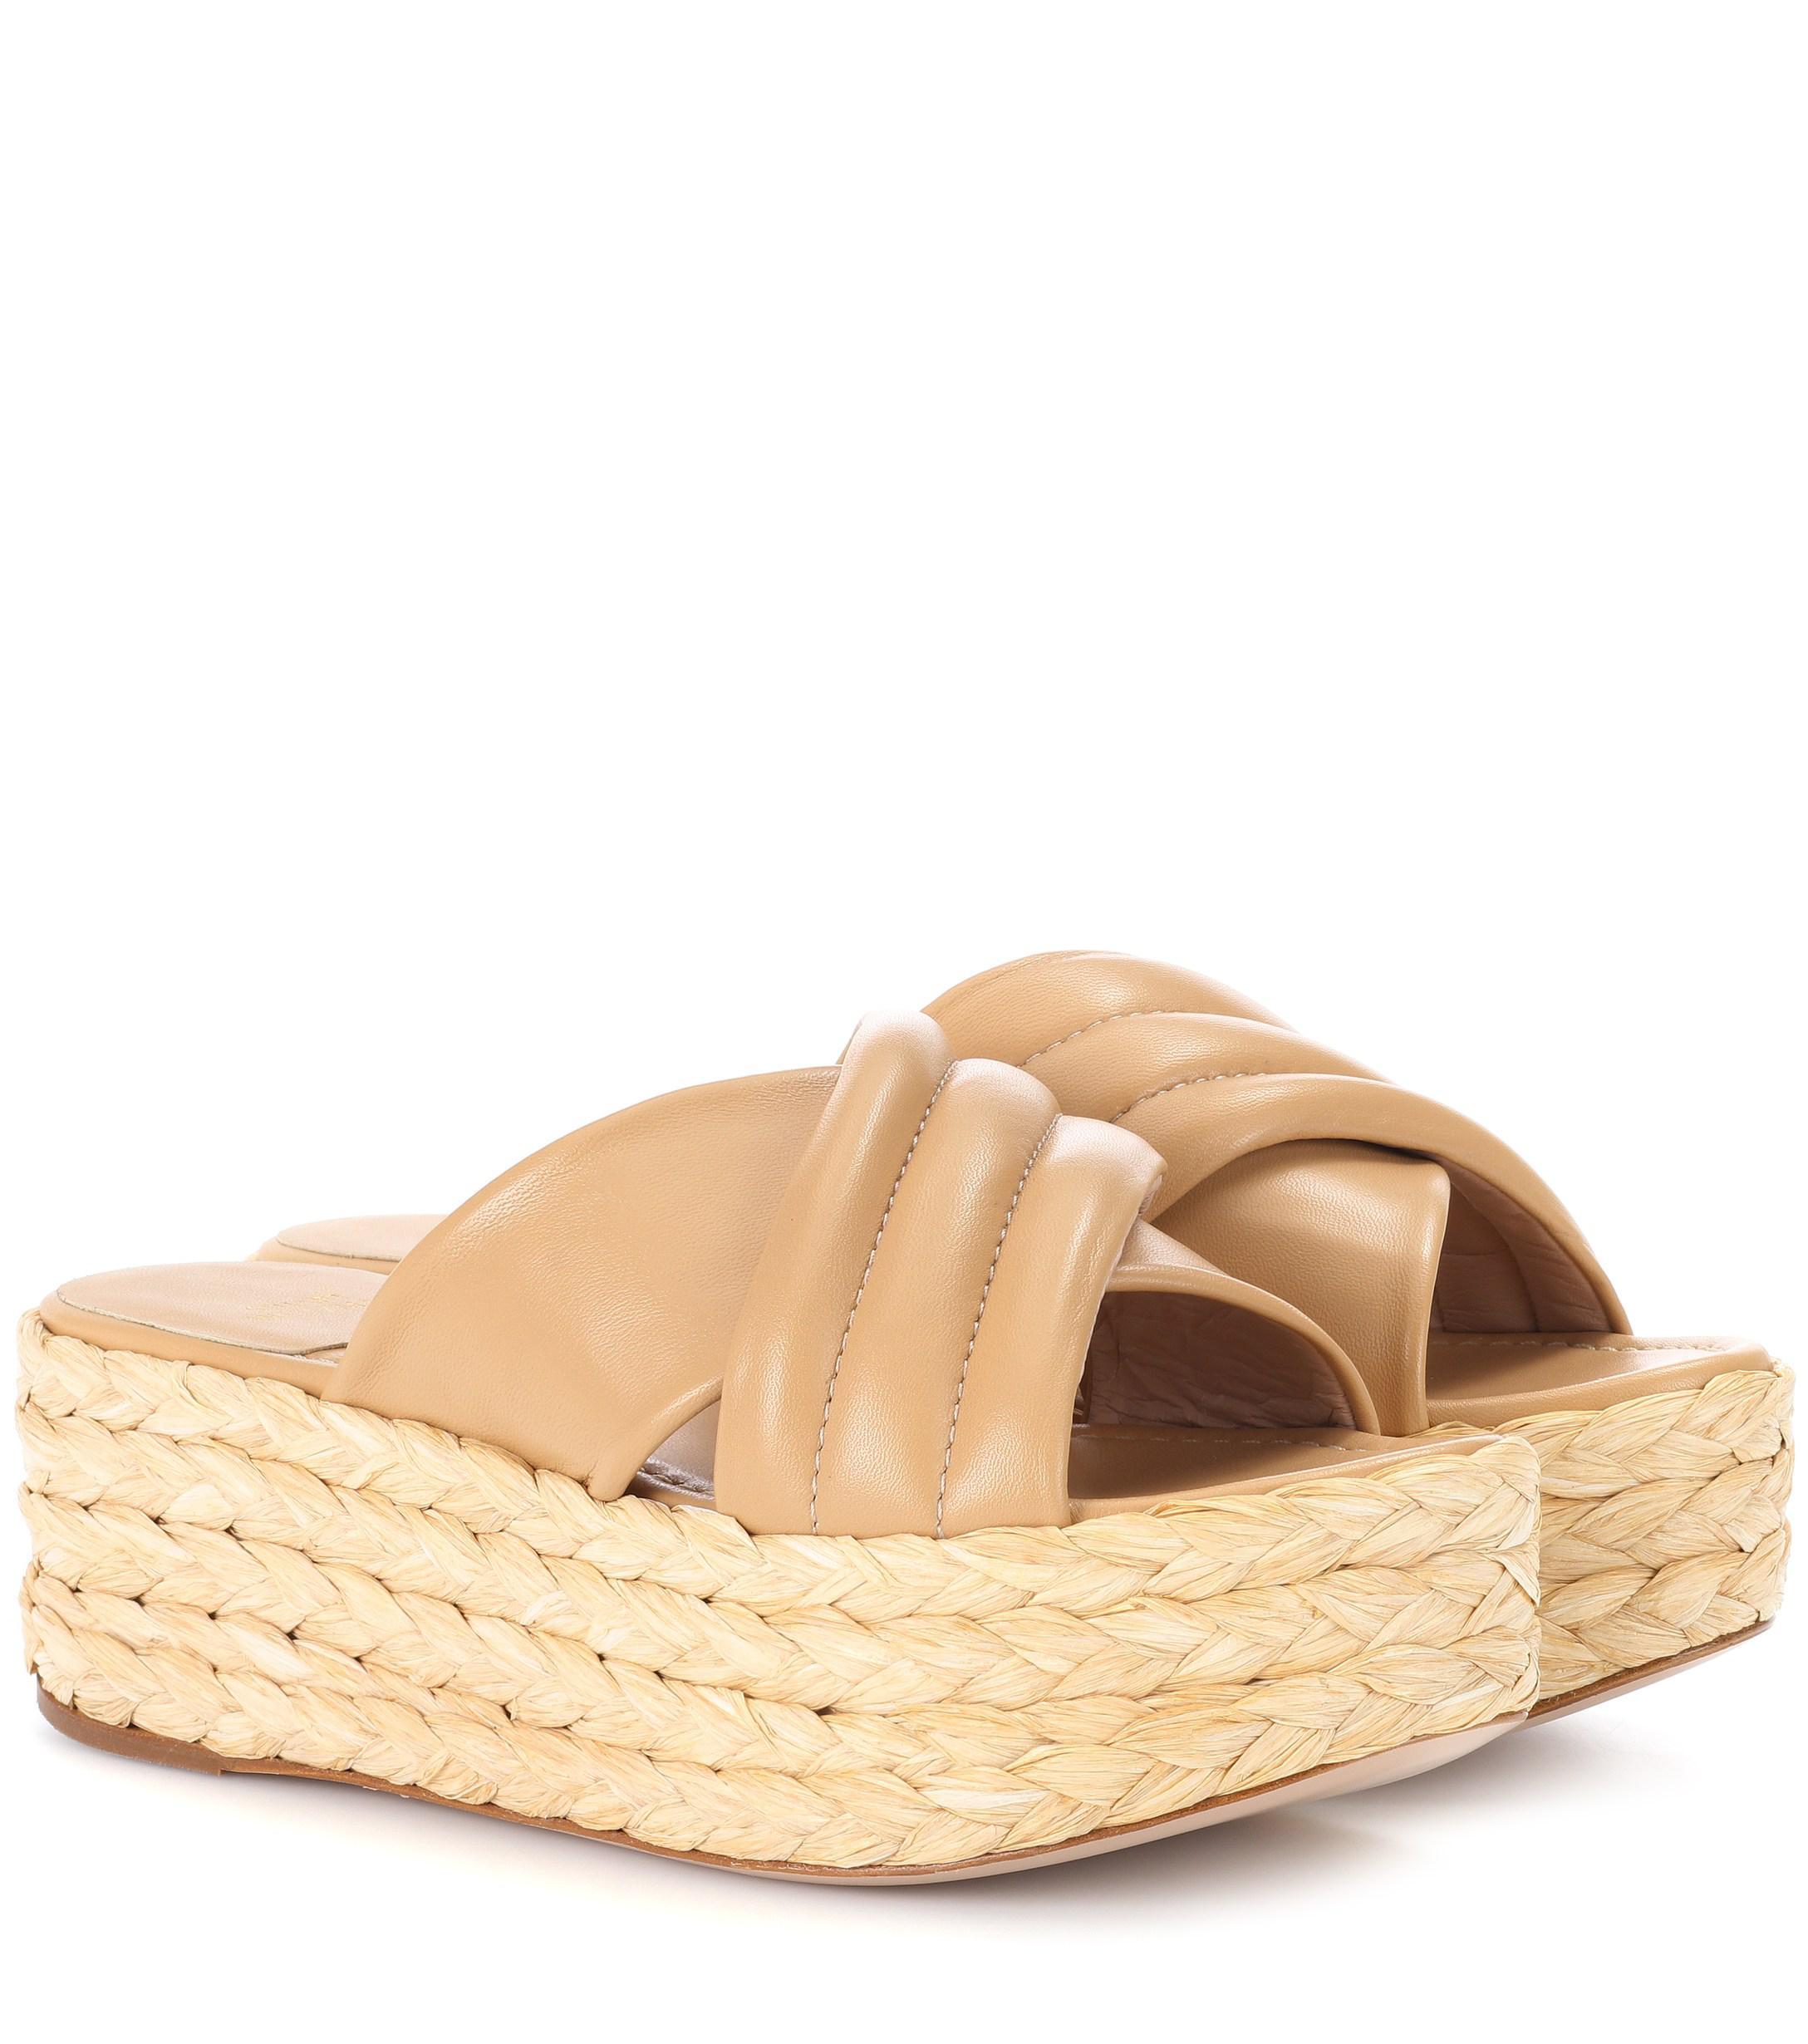 b0f1b9fa2c7 Lyst - Stuart Weitzman Pufftopraffia Leather Platform Sandals in Natural